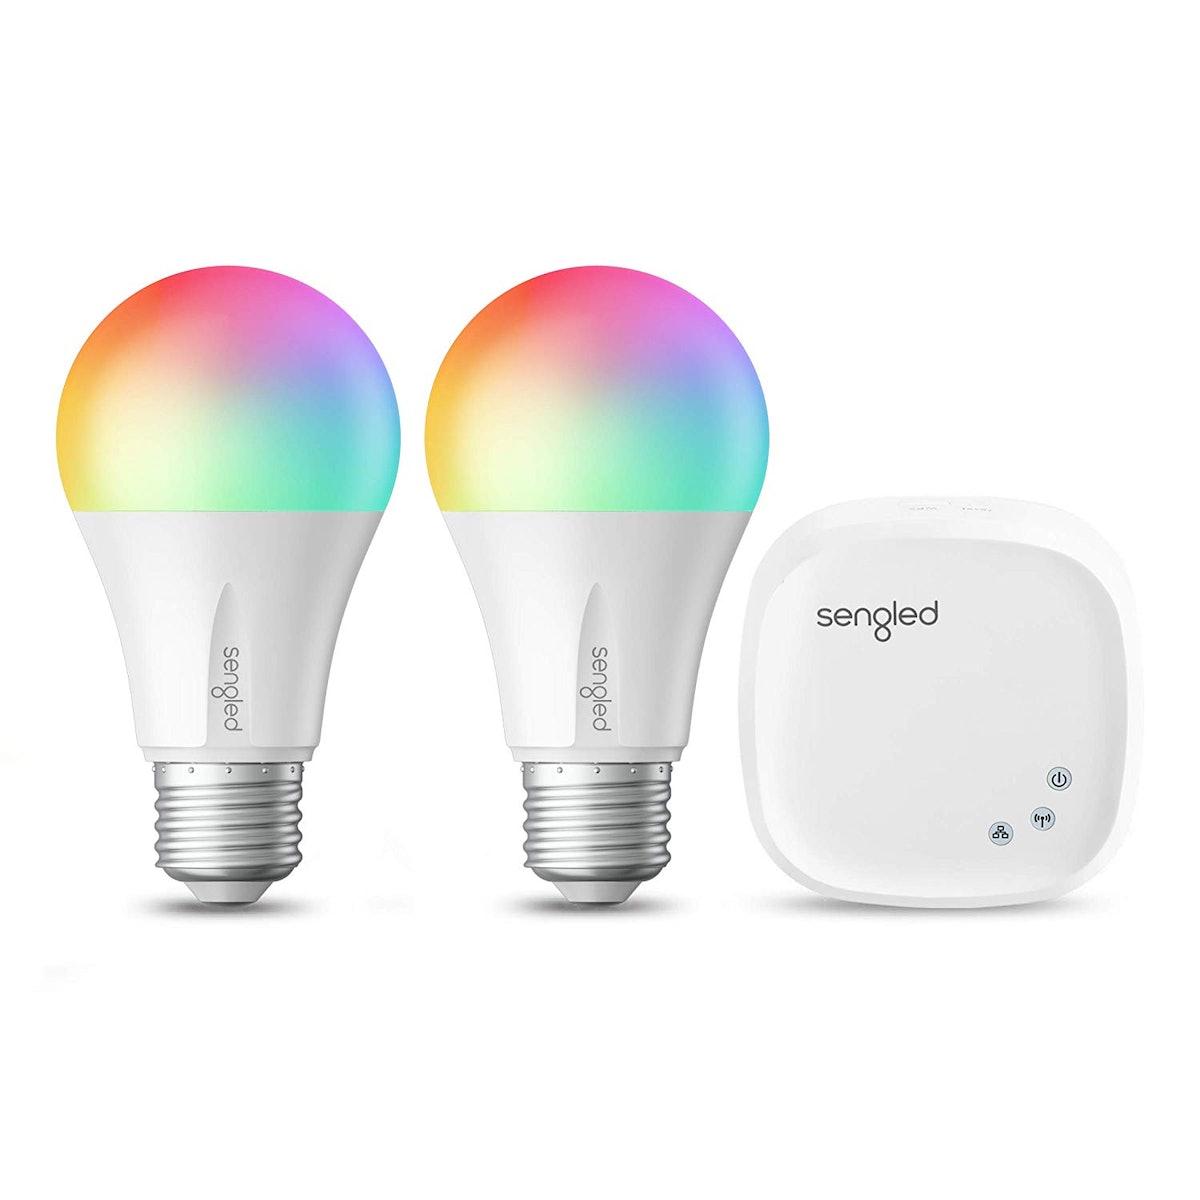 Sengled Smart LED Starter Kit